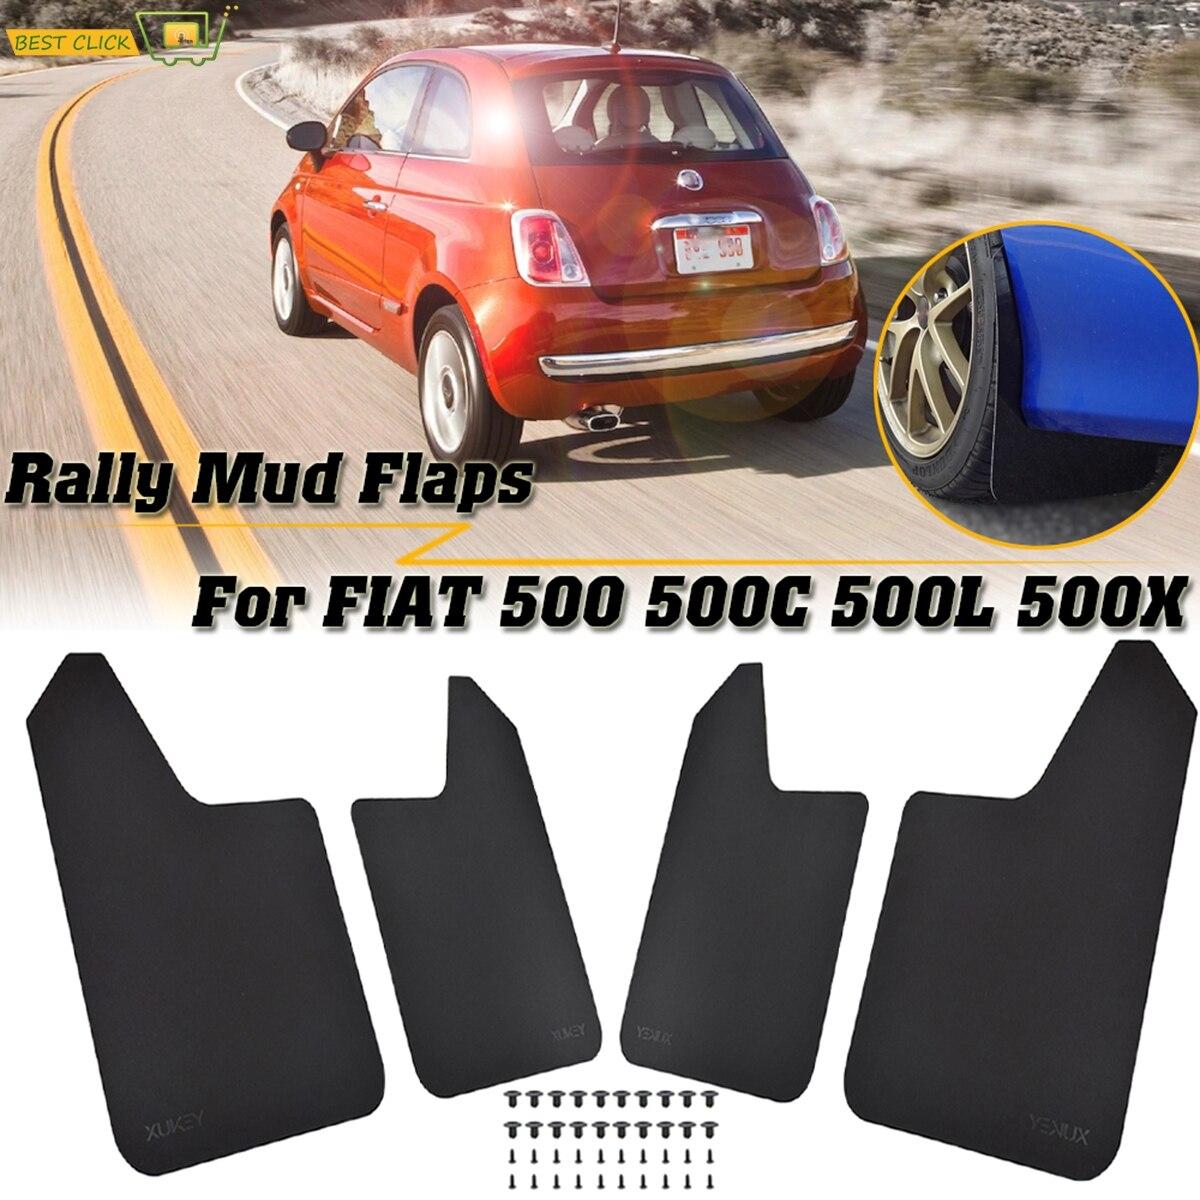 Par trasera de Calidad de protección contra daños protector de piedra Mud flaps para Fiat